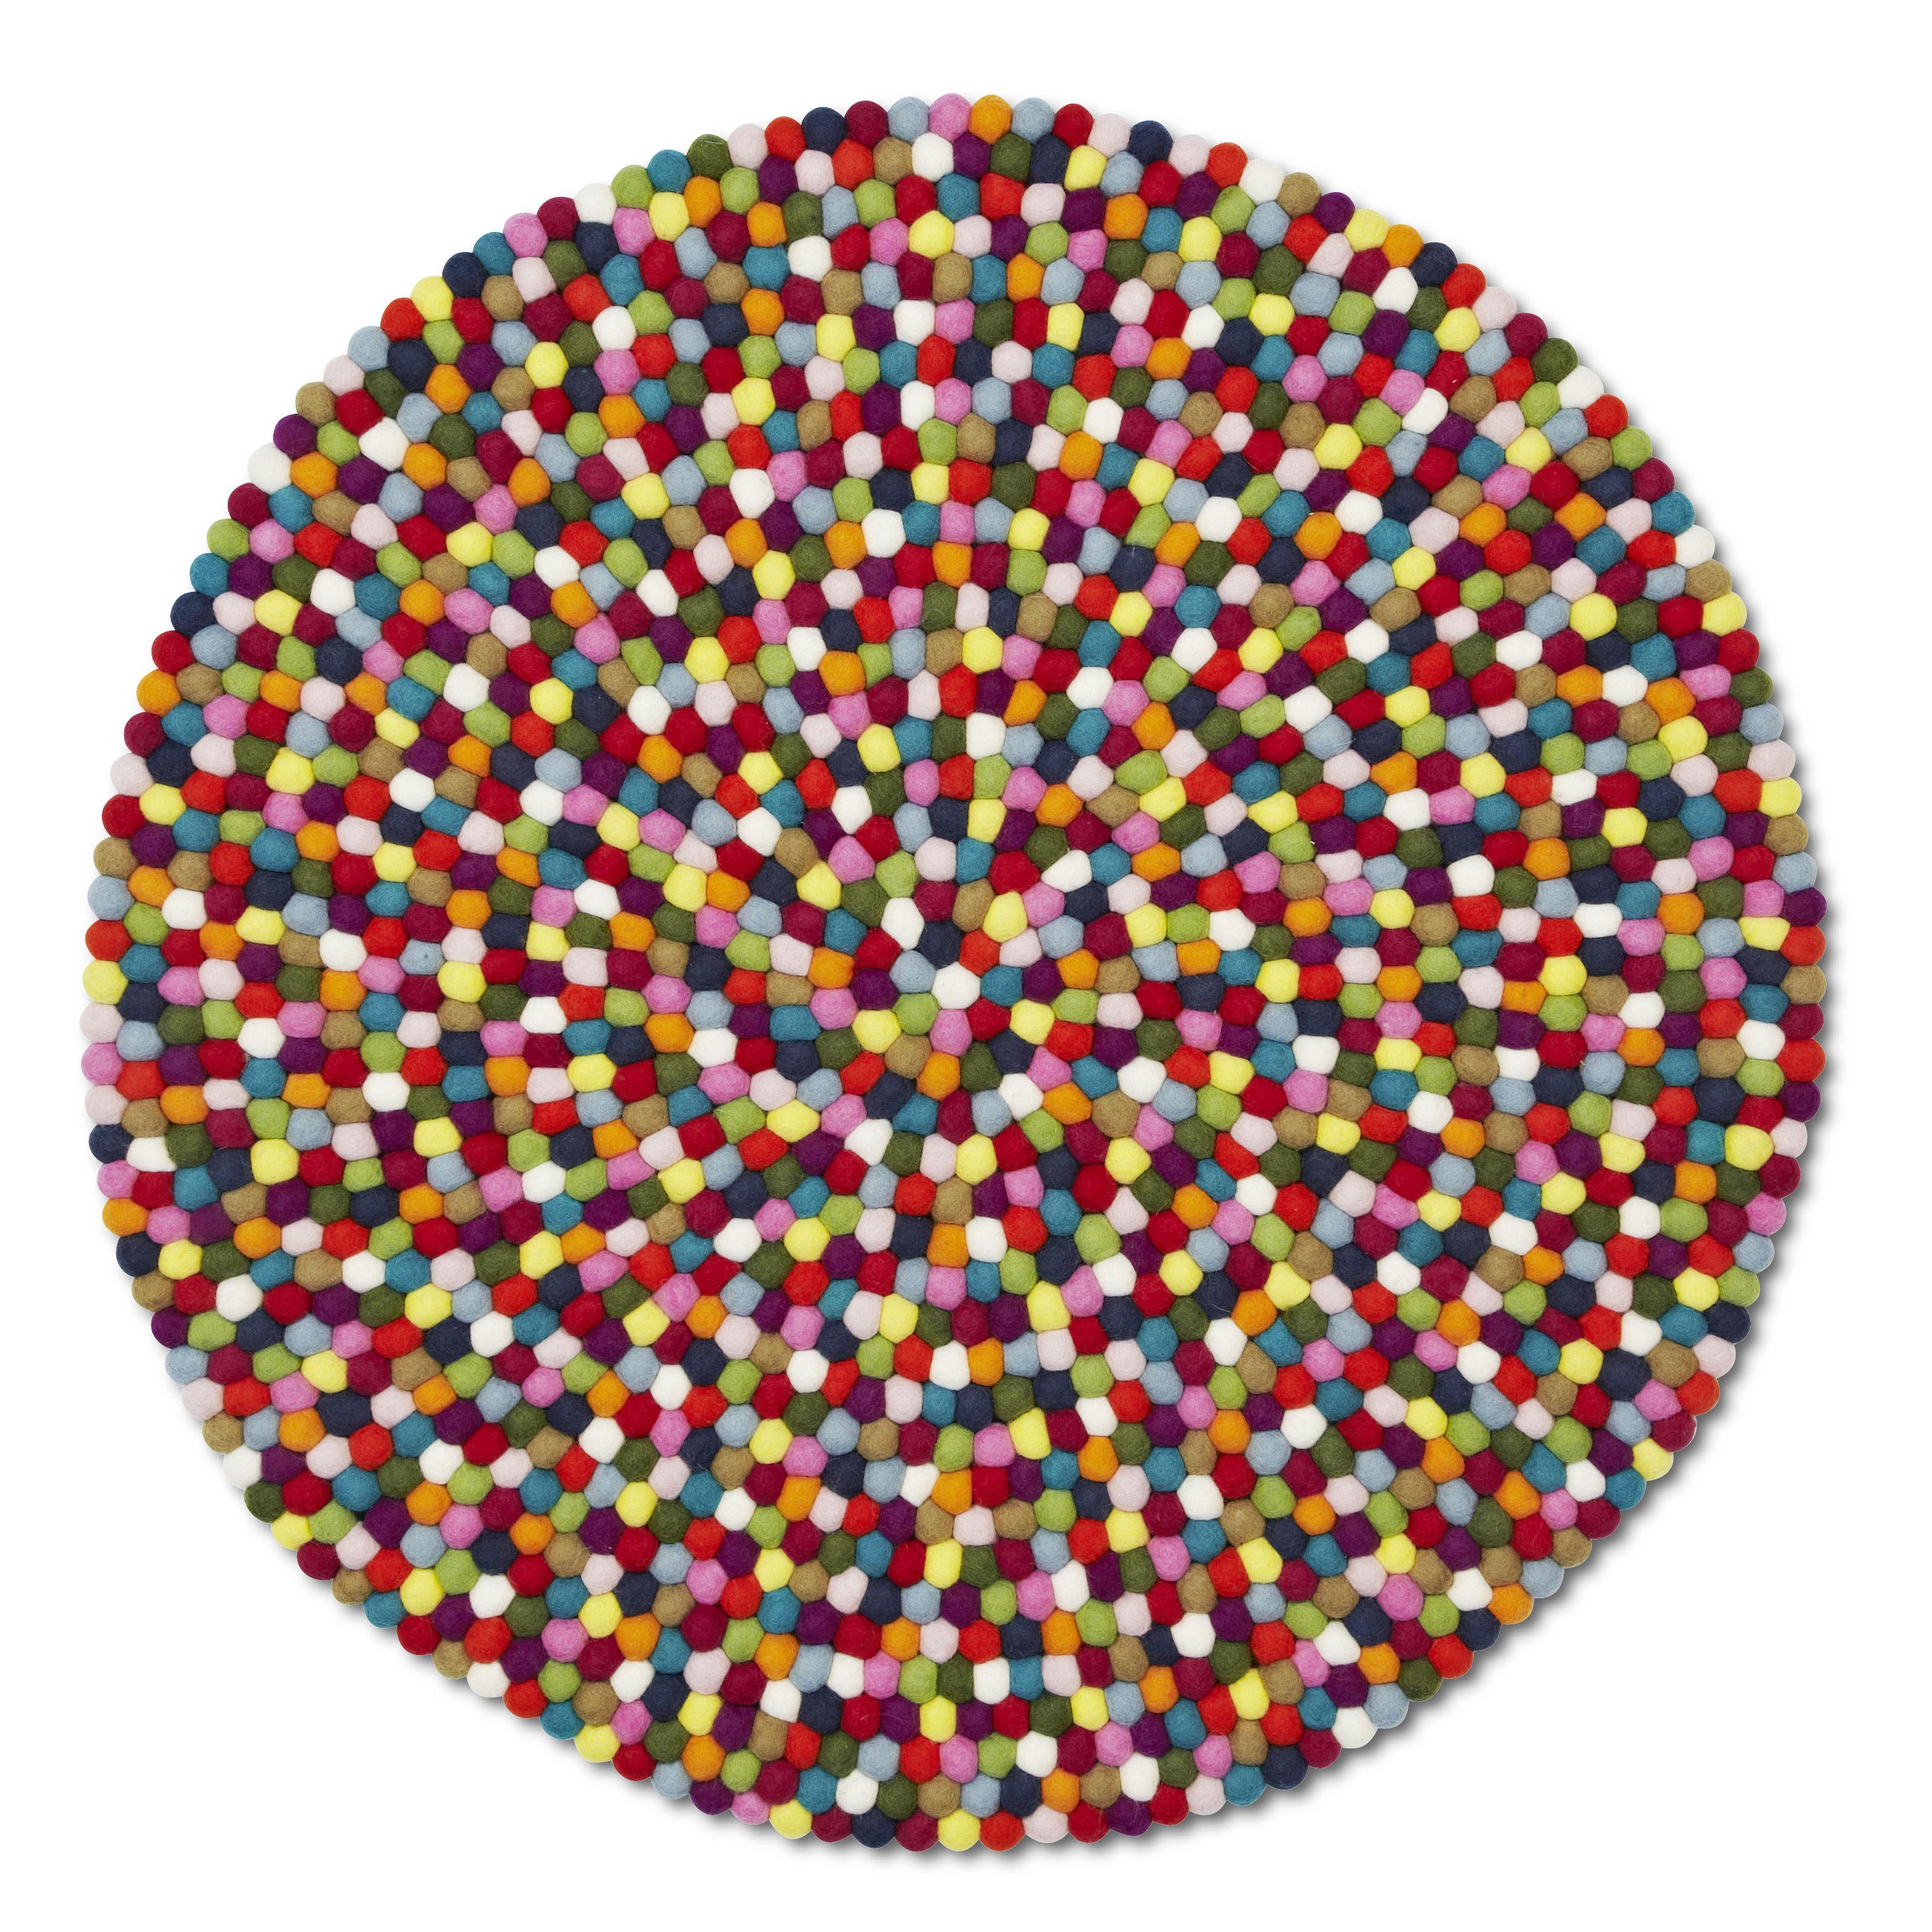 Arredamento - Tappeti  - Tappeto Pinocchio - Ø 90 cm di Hay - Multicolore - Ø 90 cm - Lana